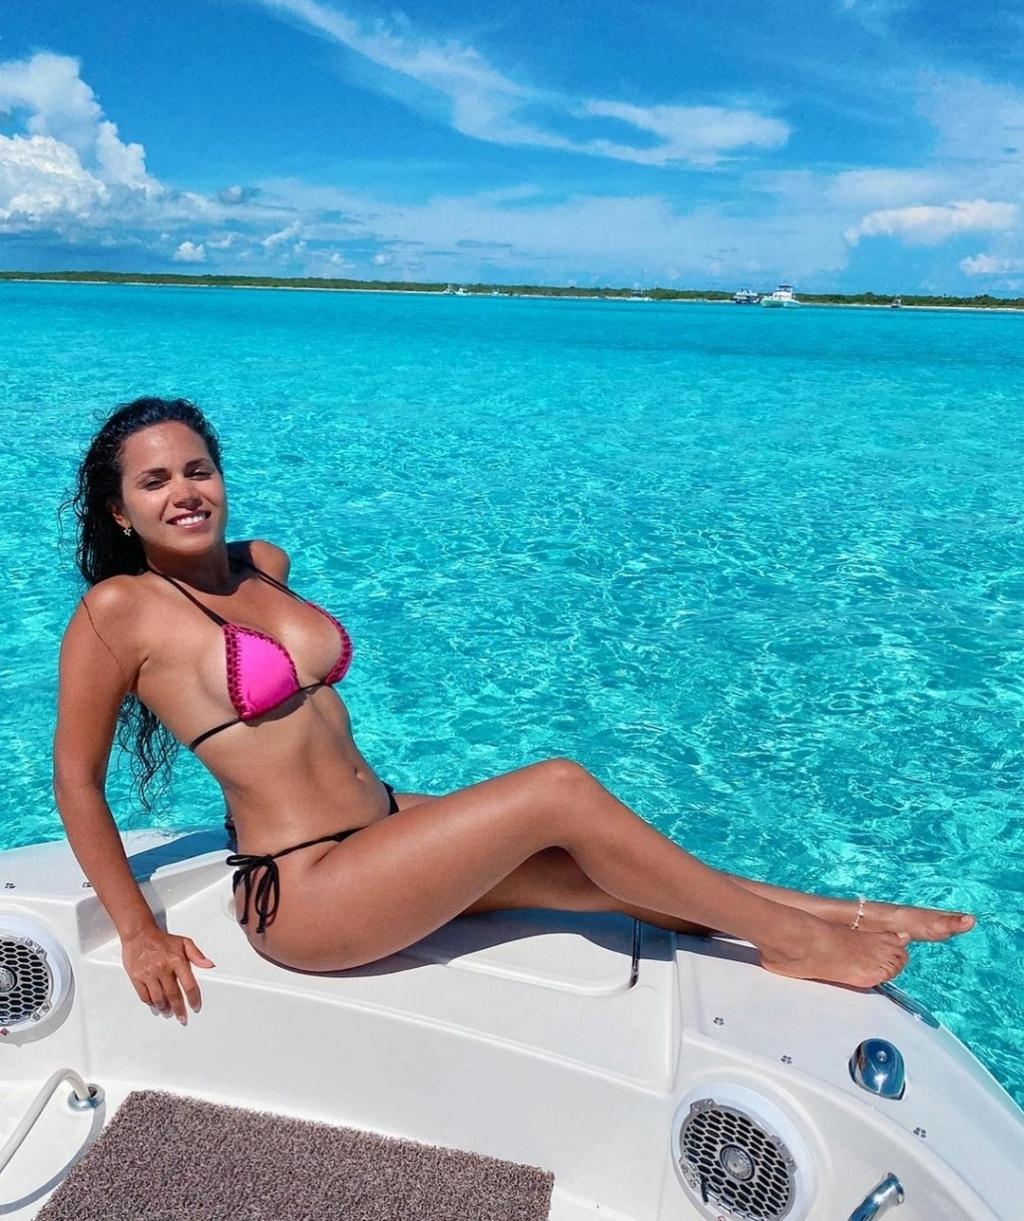 DEBATE sobre belleza, guapura y hermosura (fotos de chicas latinas, mestizas, y de todo) - VOL II - Página 6 Img_1173